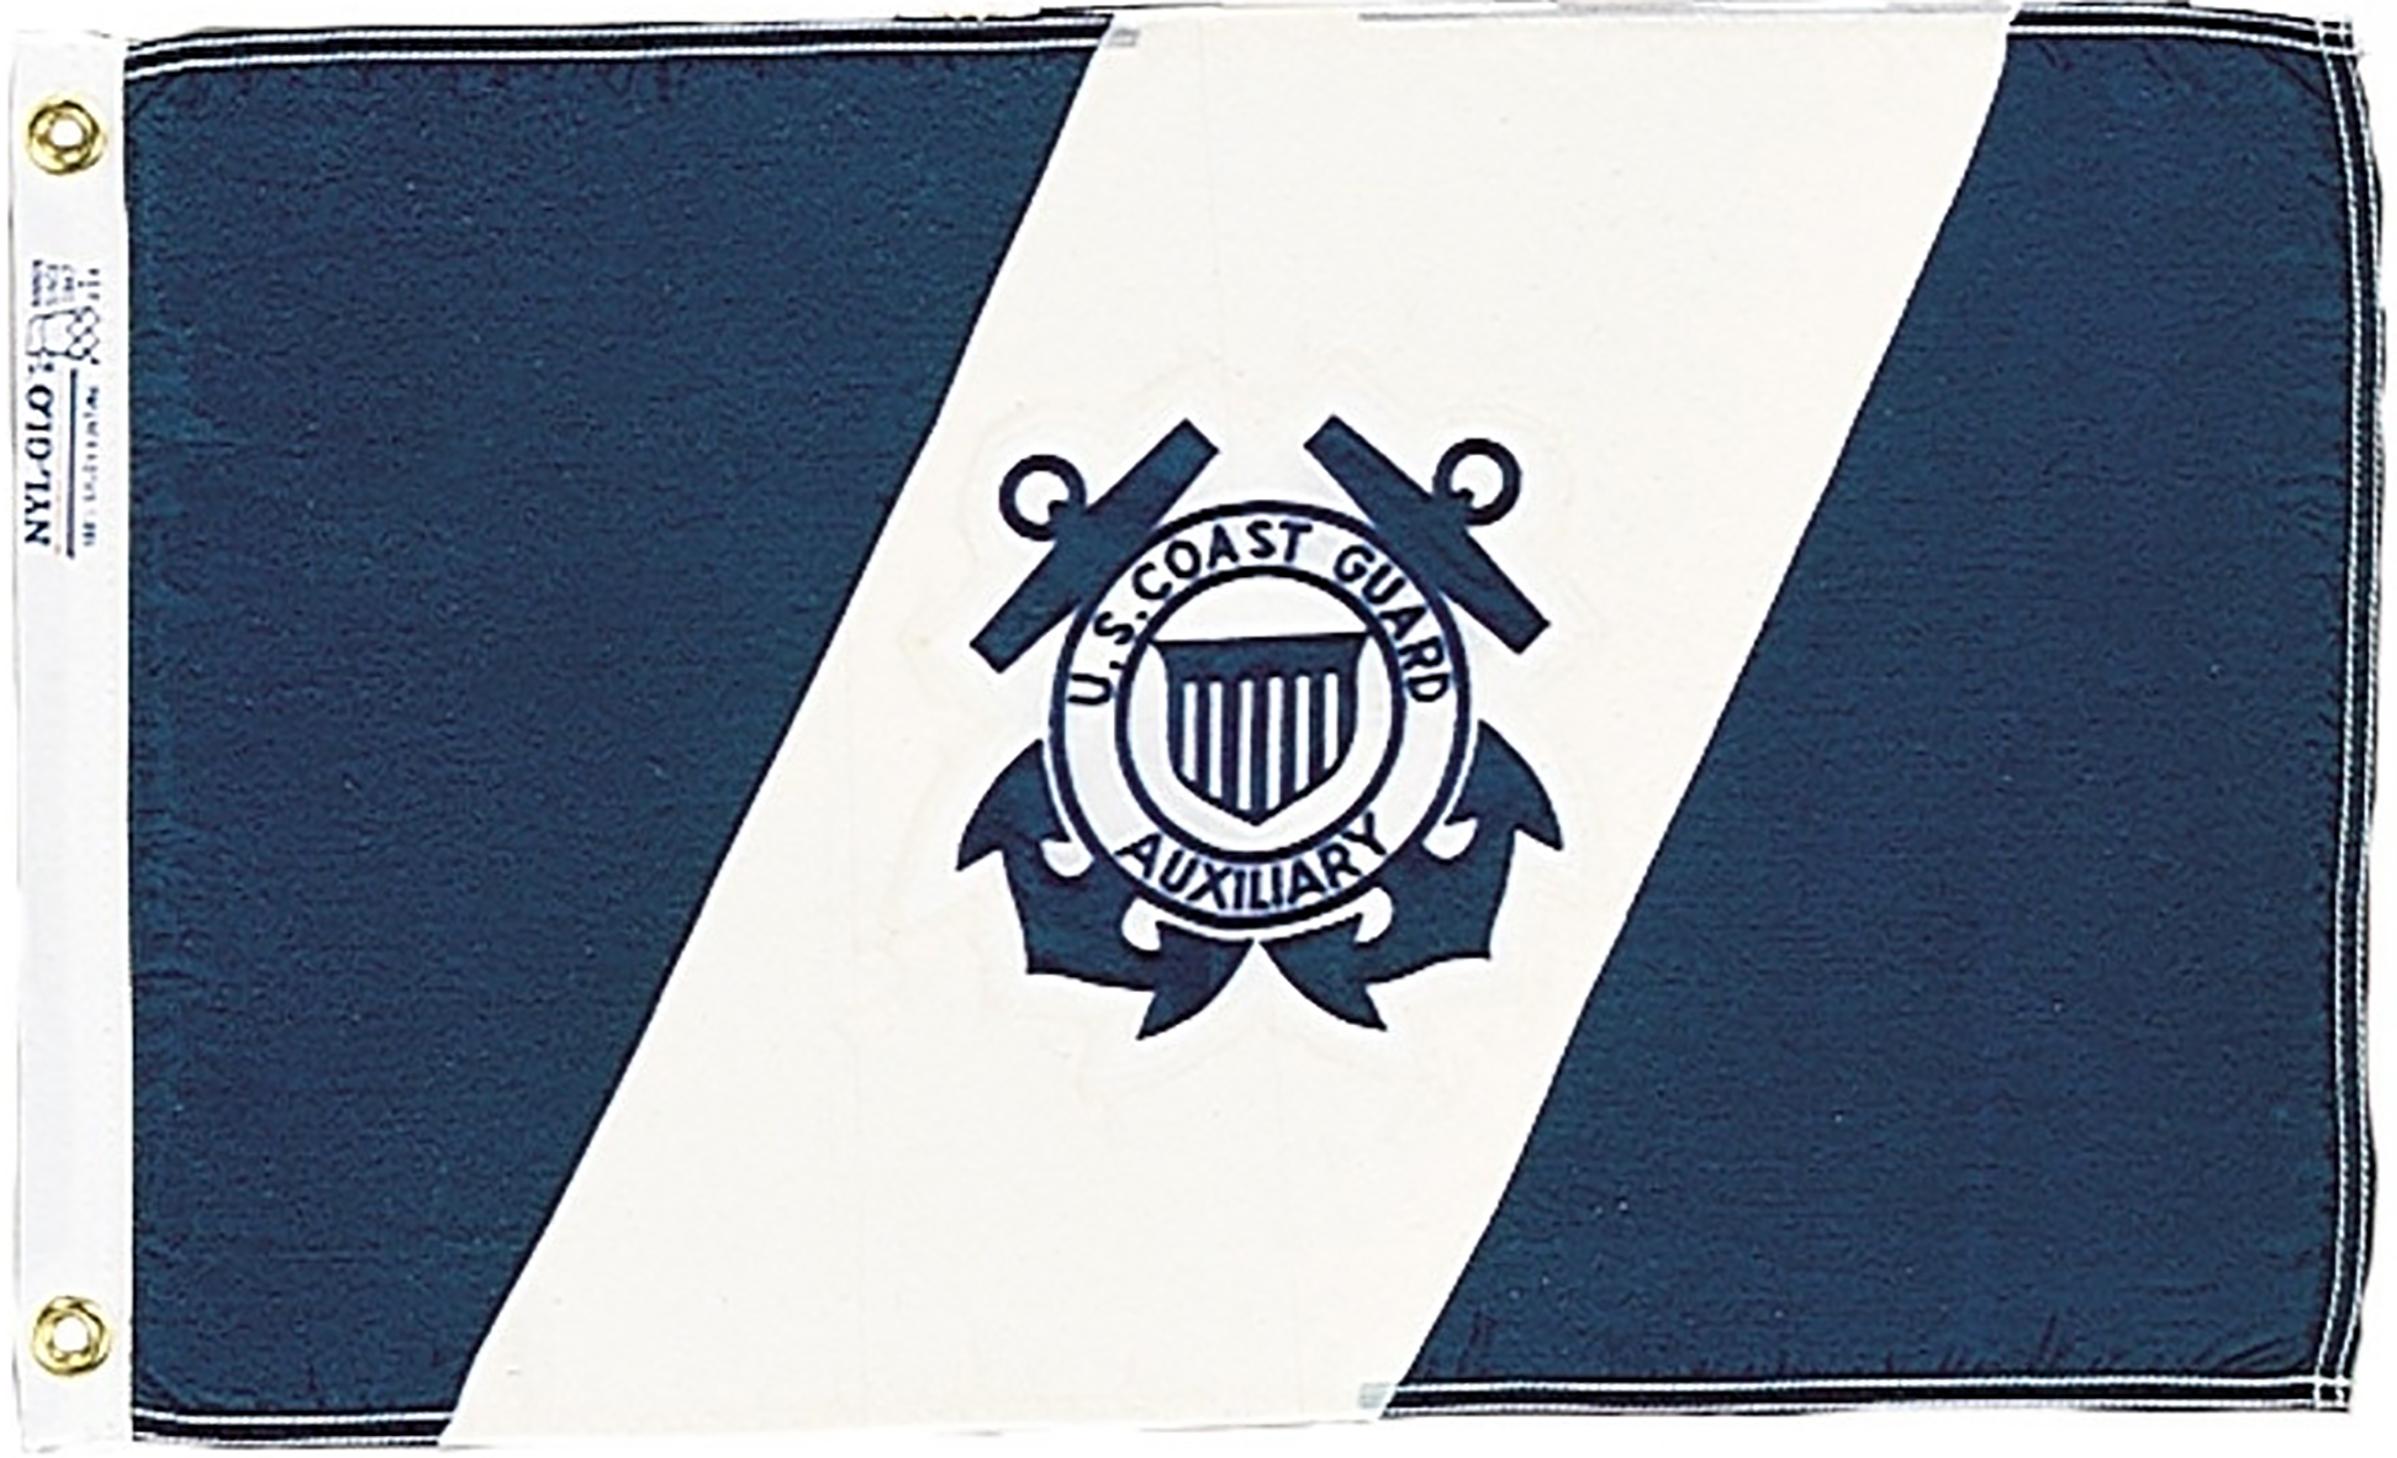 US Coast Guard Auxiliary Flags